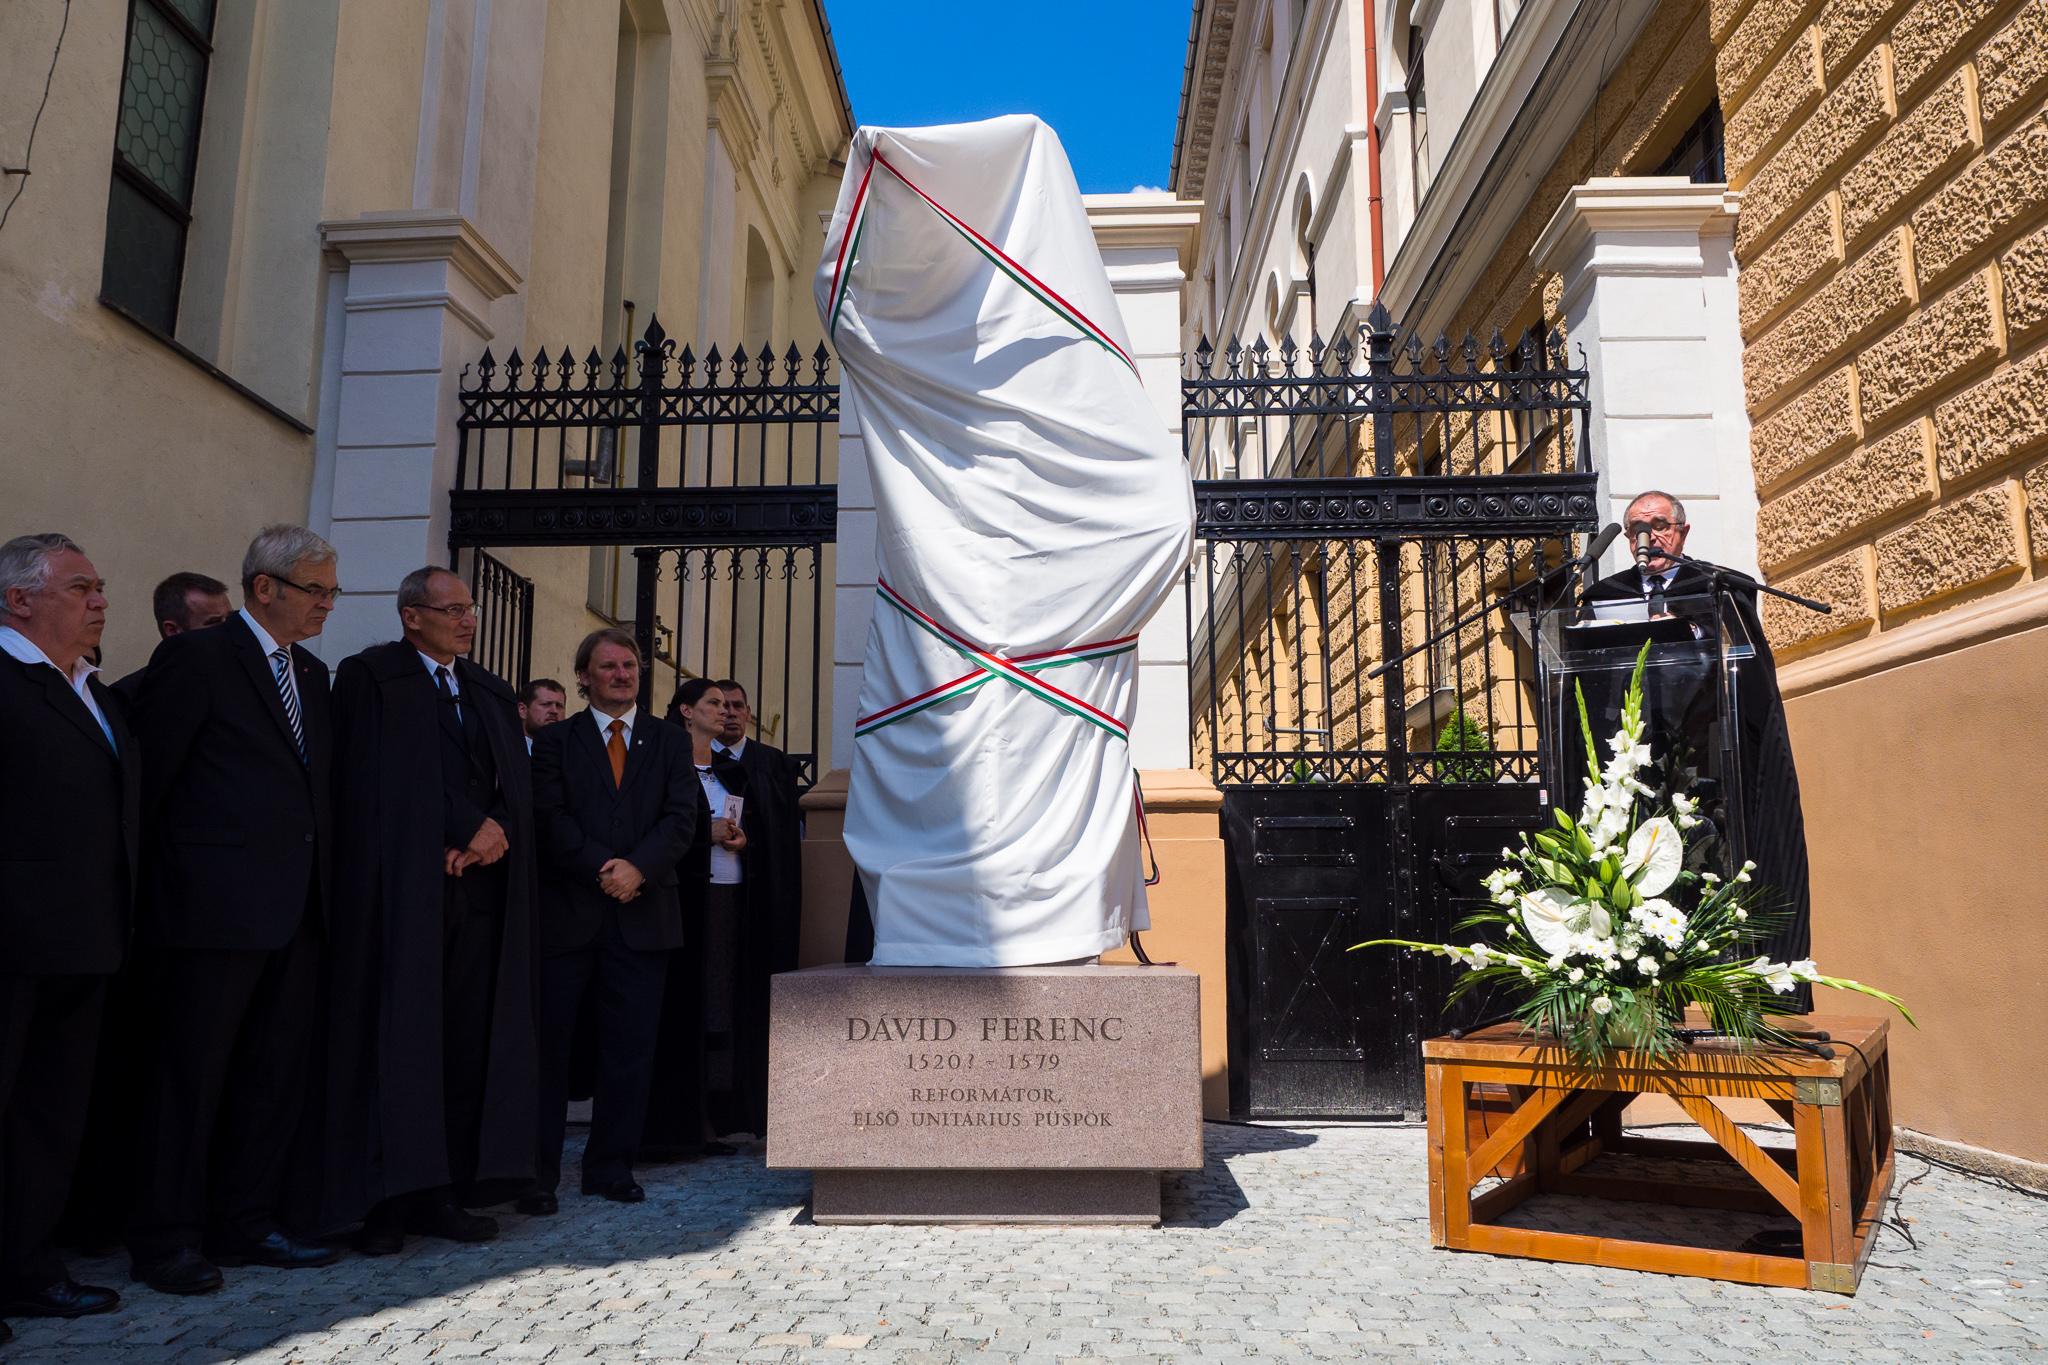 Dávid Ferenc püspök szobrának felavatása Kolozsváron